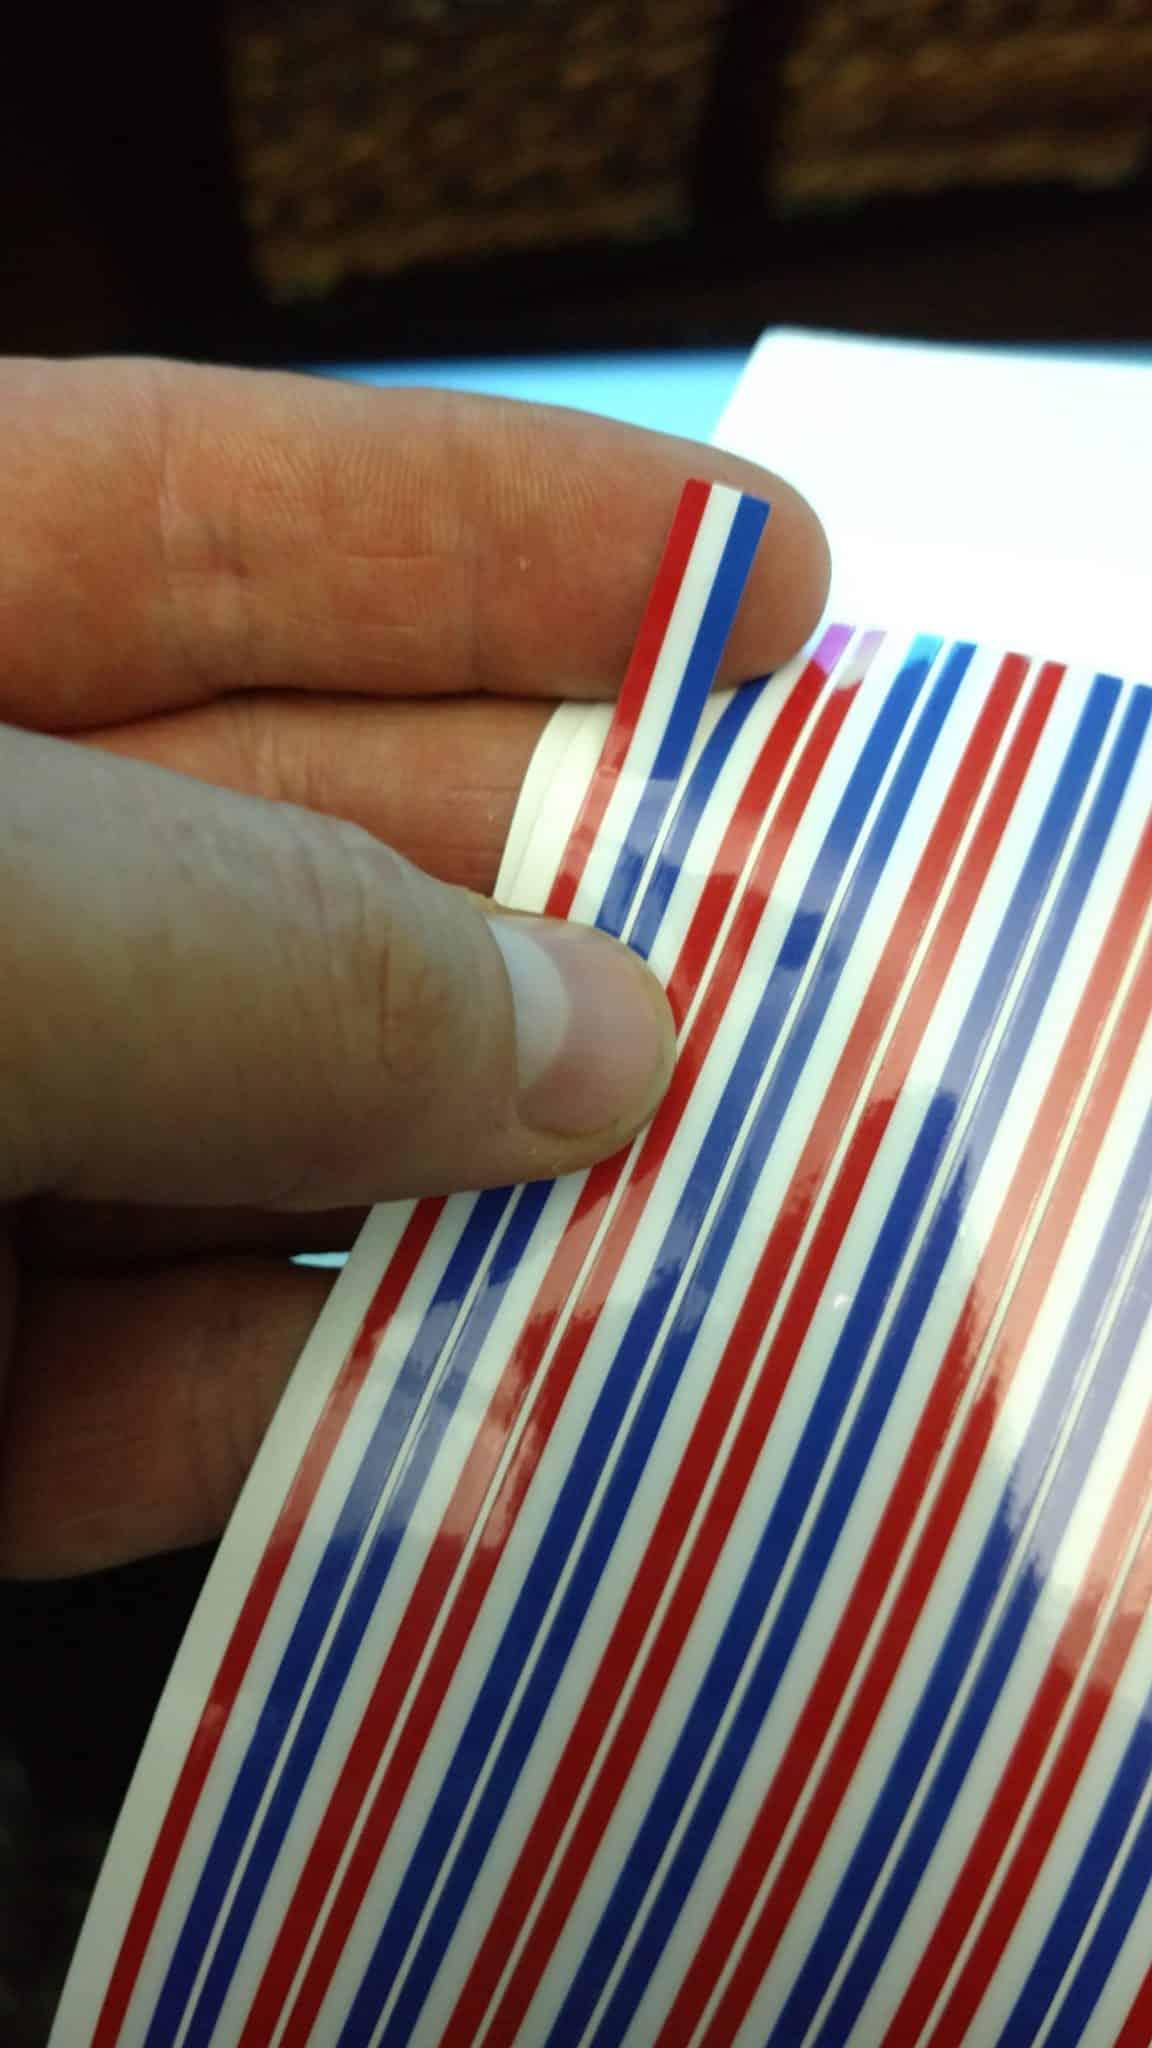 multi-colored gear label strip